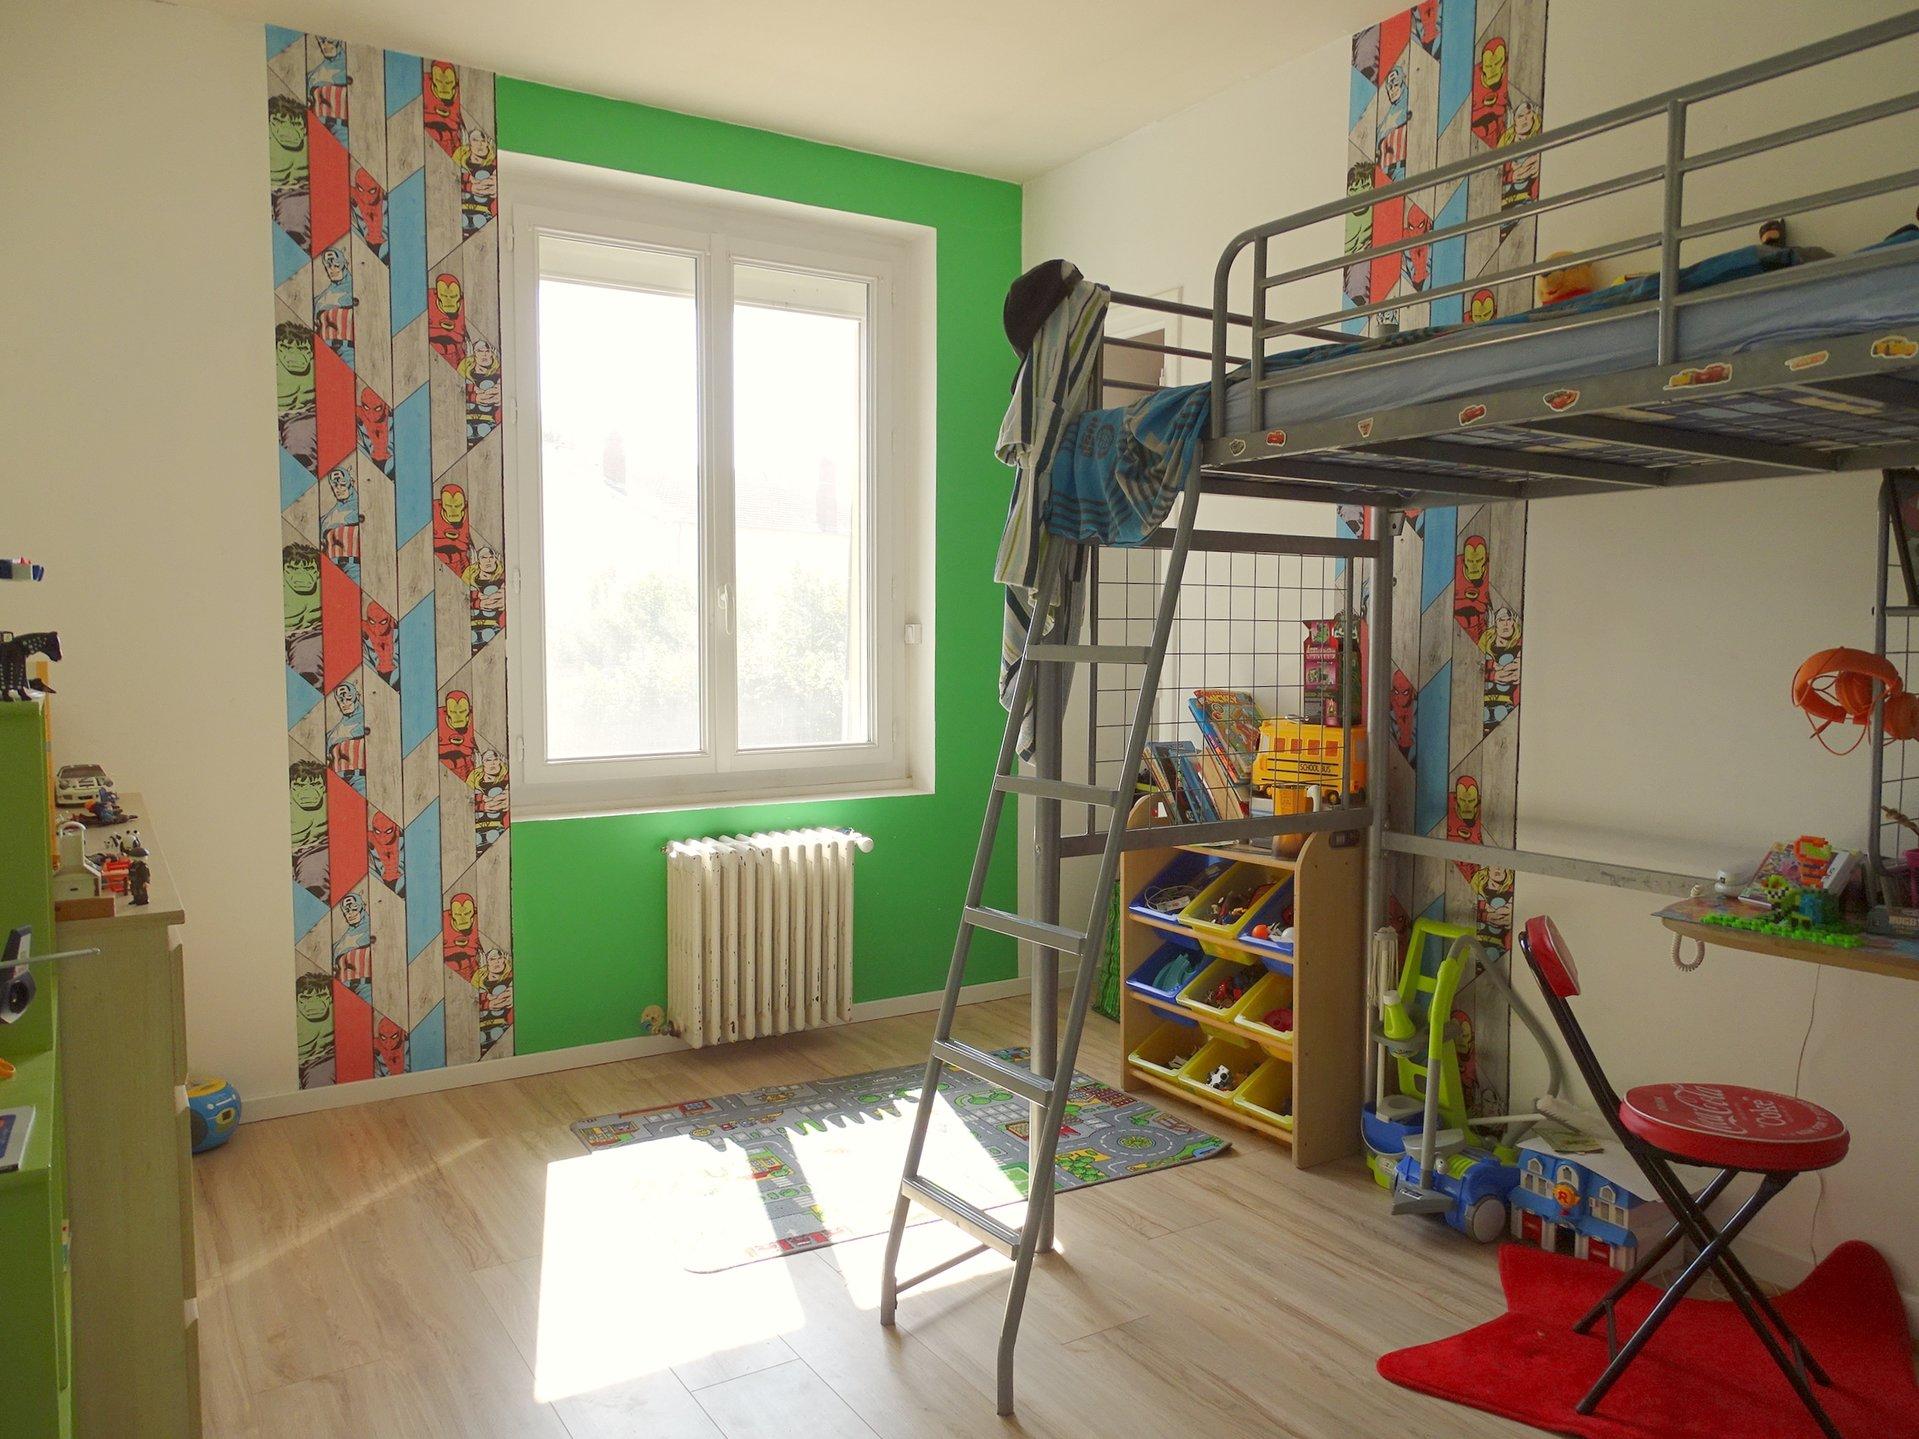 A pied du centre de Flacé, à Mâcon, dans un très bon environnement au calme, grande maison rénovée sur un beau terrain de 1300 m².  En rez-de-chaussée, elle se compose d'une entrée desservant un salon TV, une salle de jeux, une grande salle de douche et un bel espace cuisine - salle à manger ouvert sur l'extérieur.  A l'étage, elle dispose de 5 belles chambres ainsi que d'une salle d'eau et d'un WC.  Cette grande maison familiale est implantée sur un beau terrain plat et constructible de 1300 m².  Rénovée en 2018, elle dispose de beaucoup d'atouts dont ses volumes et son environnement ! A visiter sans tarder ! Honoraires à la charge du vendeur.